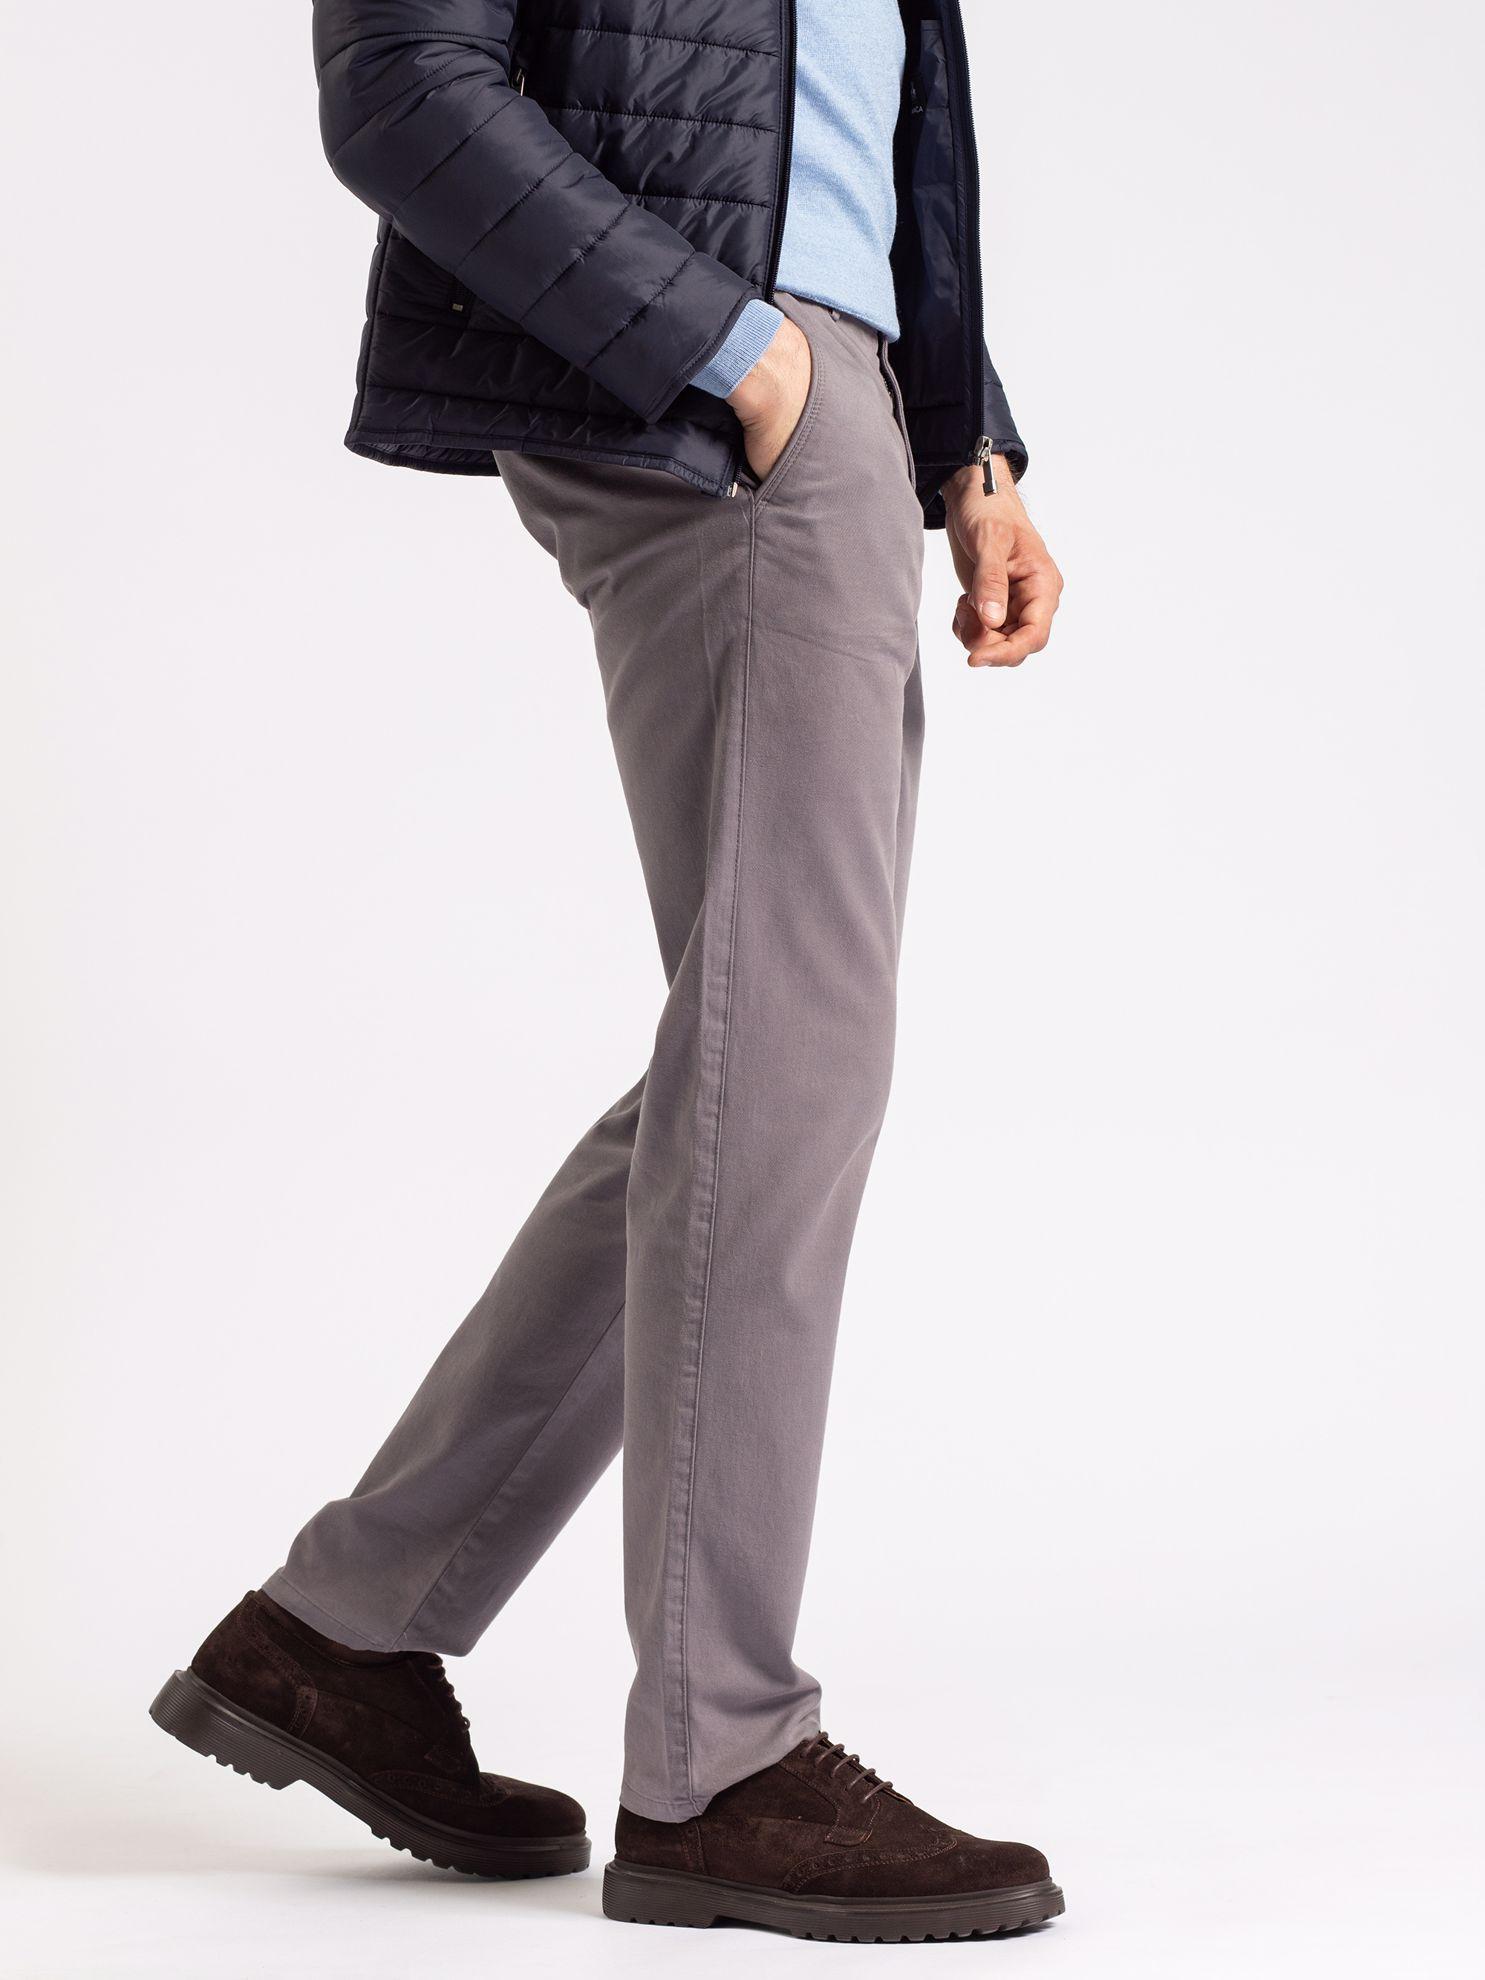 Karaca Erkek 6 Drop Pantolon-Gri. ürün görseli